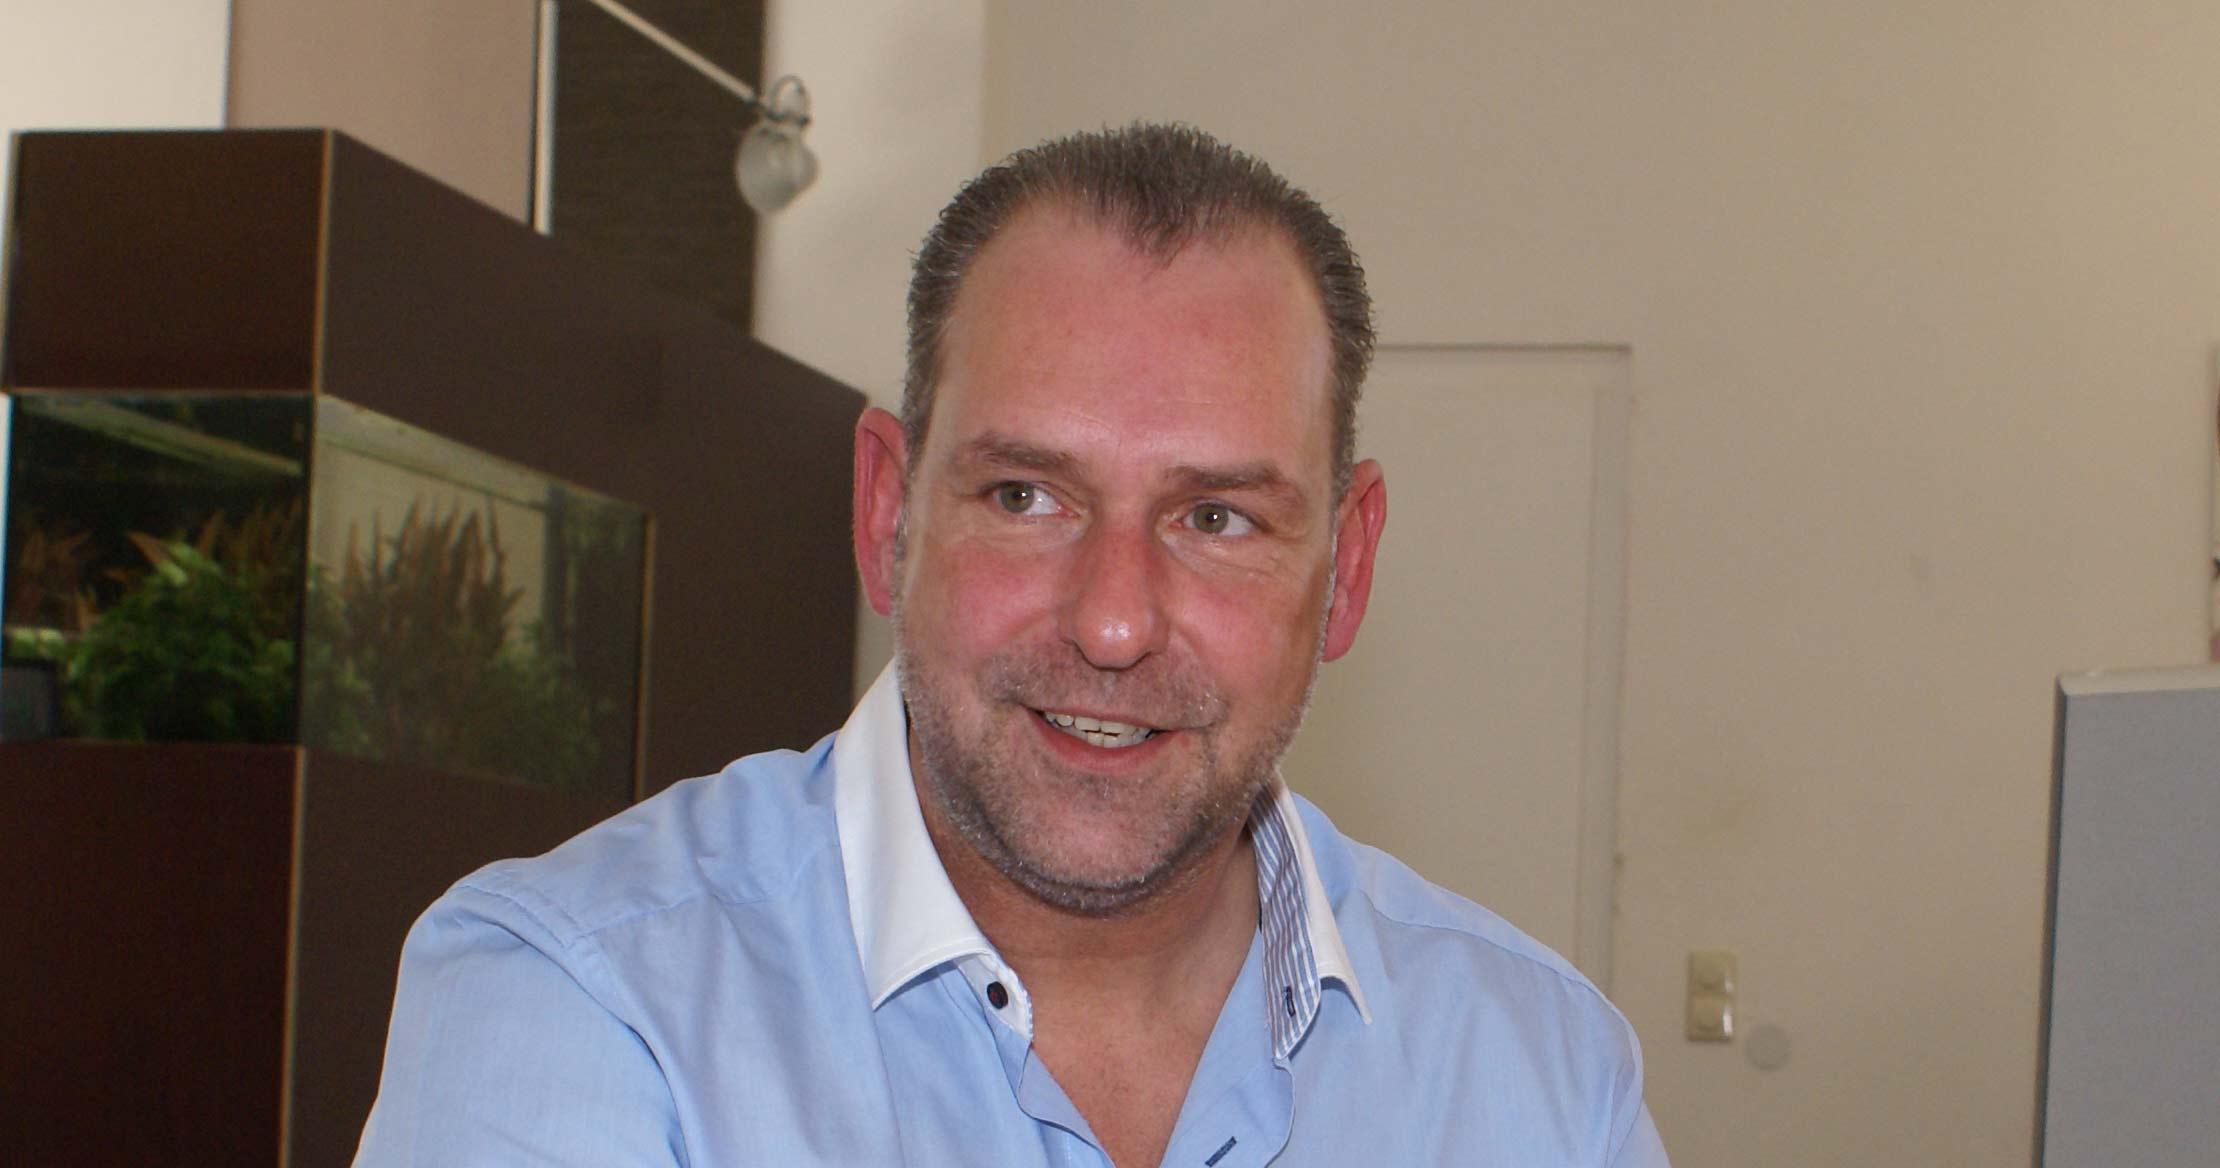 Dirk Proksch ist neuer Head of Sales bei Sternglas.